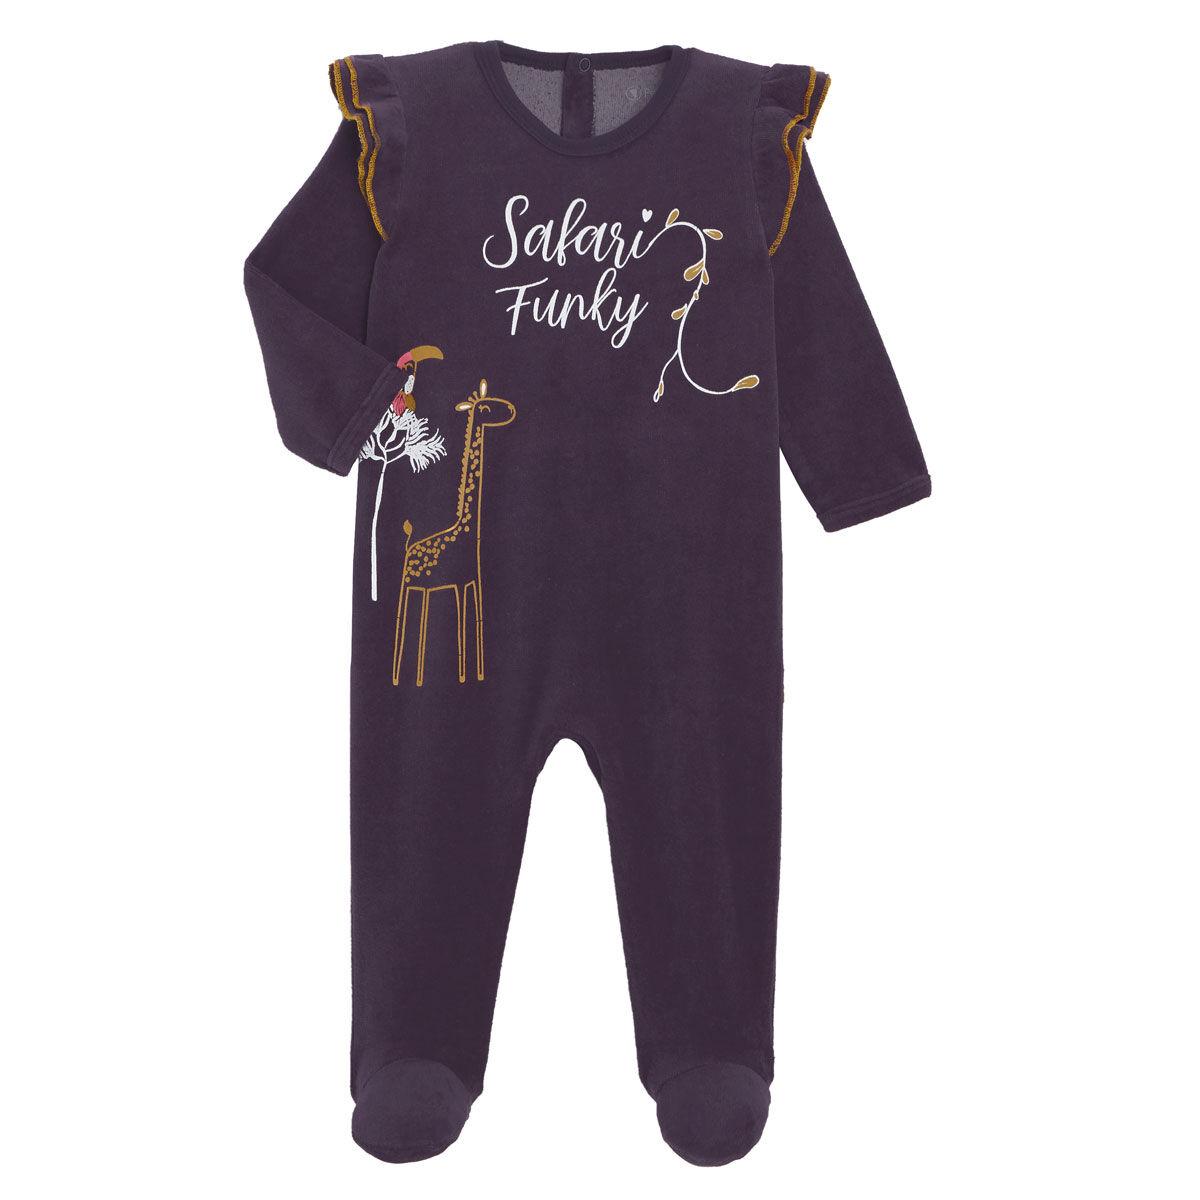 Petit Béguin Pyjama bébé en velours contenant du coton bio Funky Safari - Taille - 6 mois